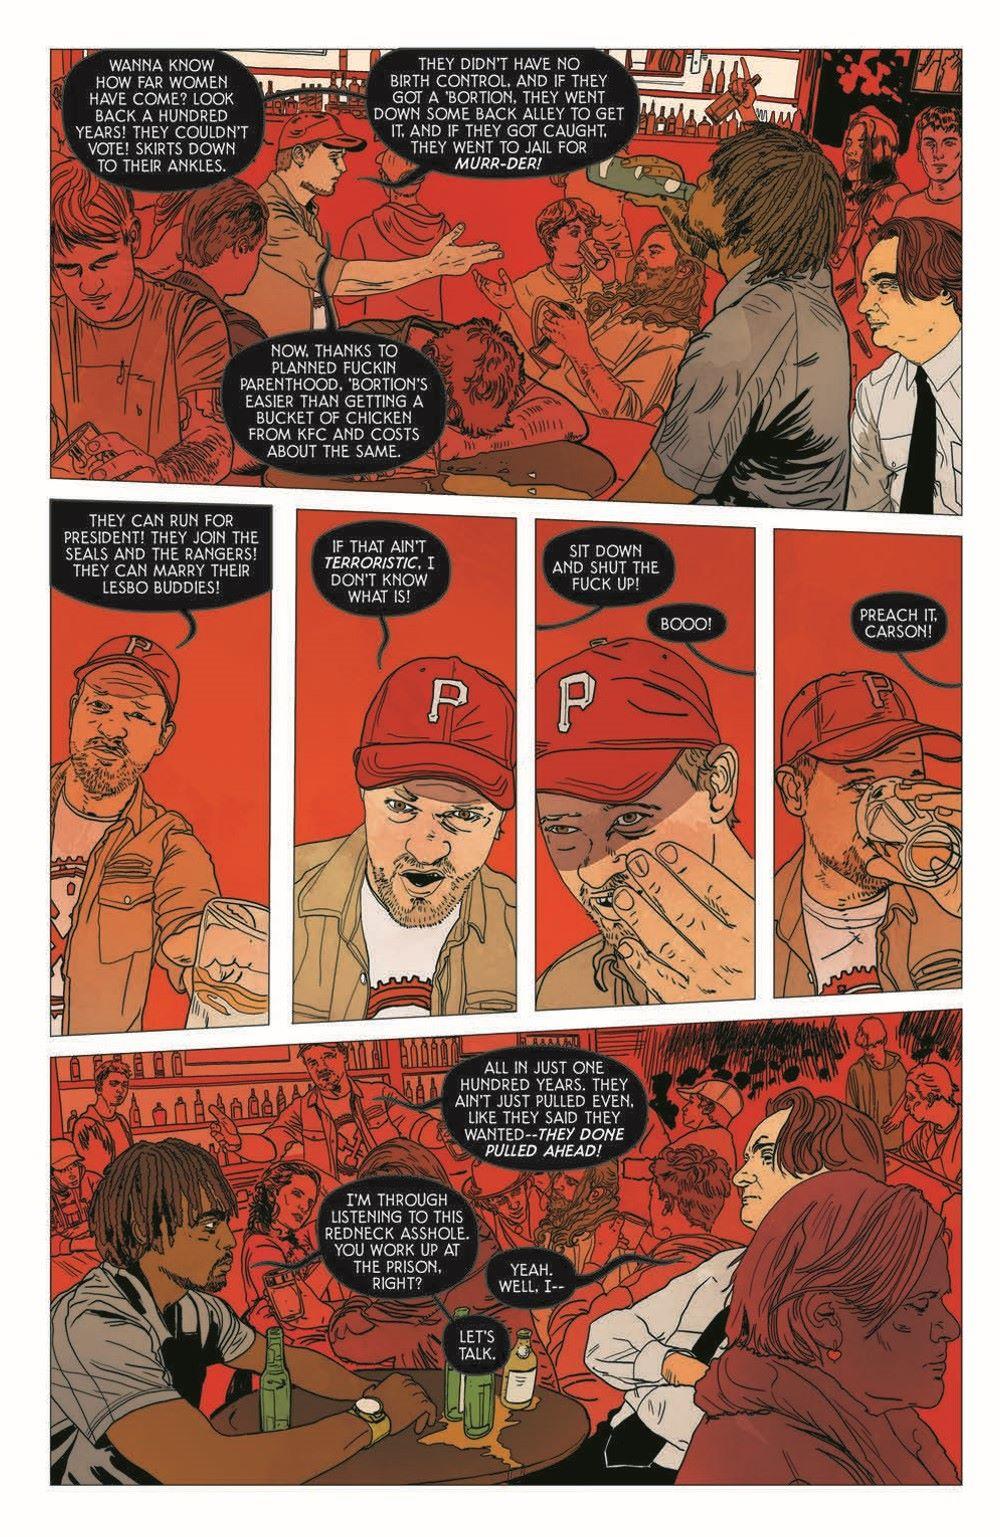 SleepingBeauties_05_pr-7 ComicList Previews: SLEEPING BEAUTIES #5 (OF 10)